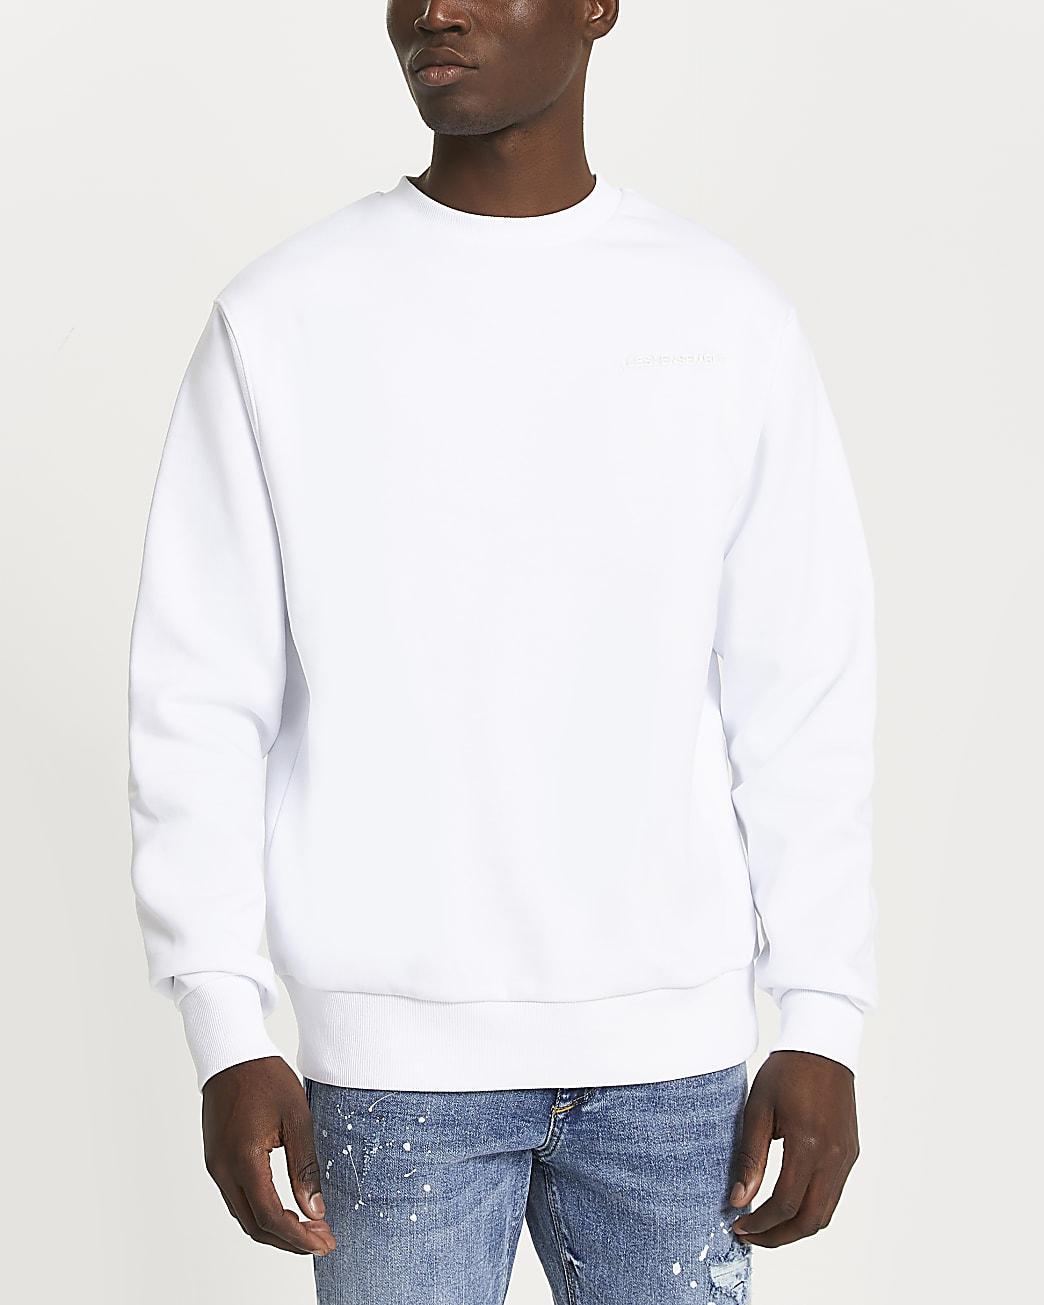 White 'Les Ensemble' sweatshirt